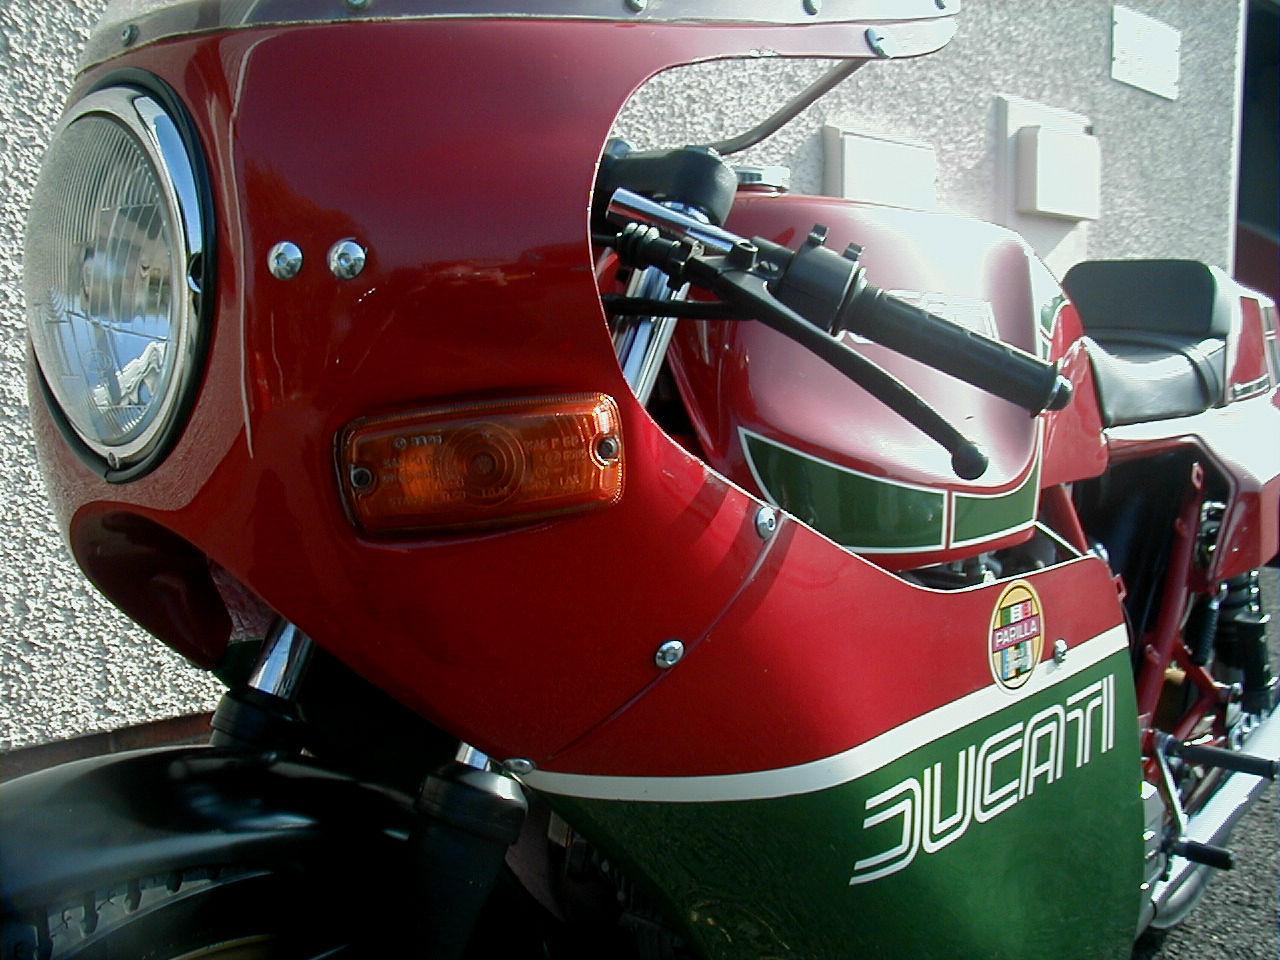 81-82; XAM extra verstärkt X-Ring Kette Ducati SS 900 MHR Mike Hailwood Replica